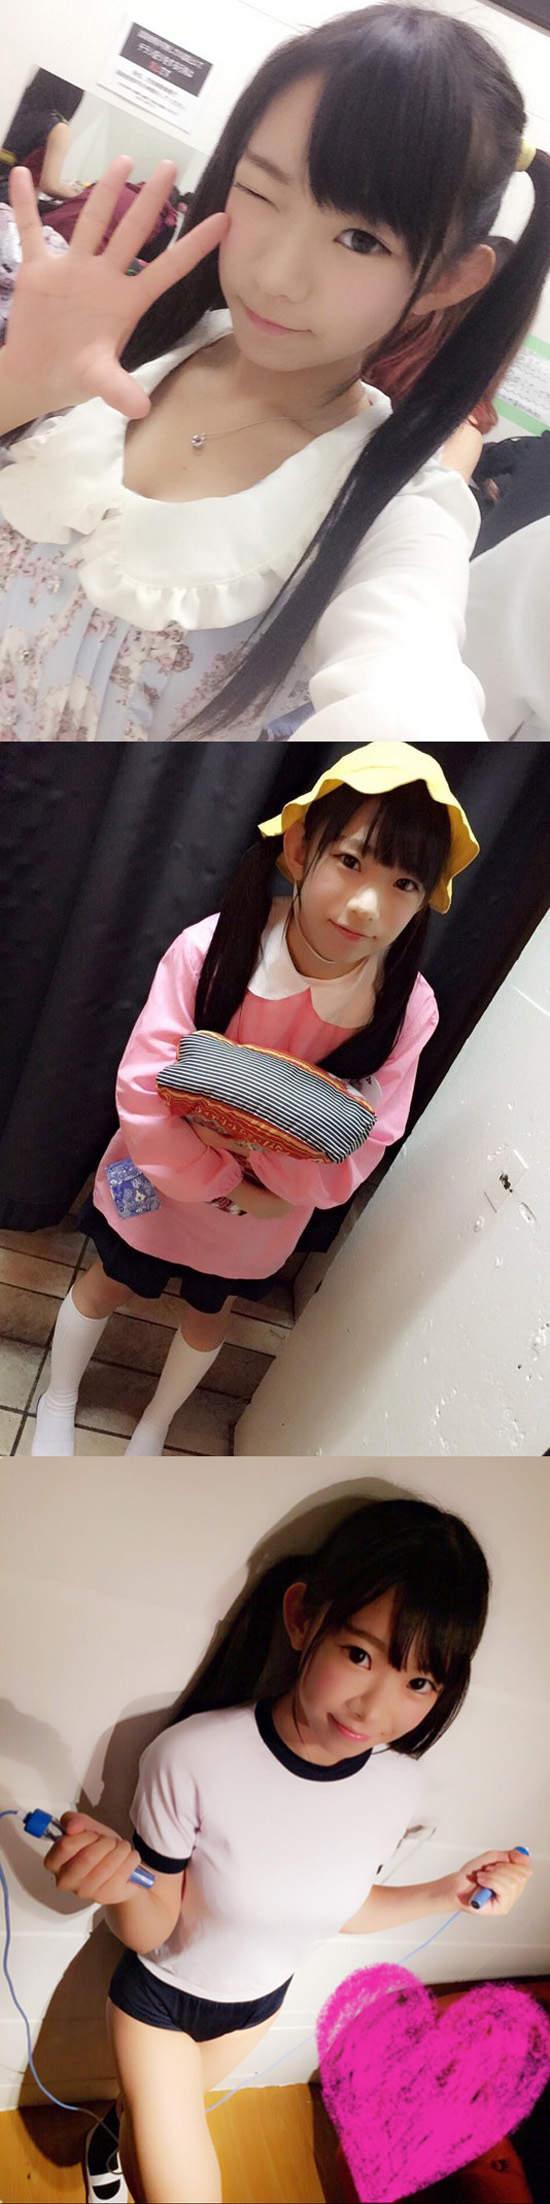 長澤茉里奈 - 誘人犯罪的合法巨乳少女偶像穿鏤空貓內衣、日本正宗童顏爆乳萌系正妹、胸照瘋傳已噴籌錢拍水着DVD